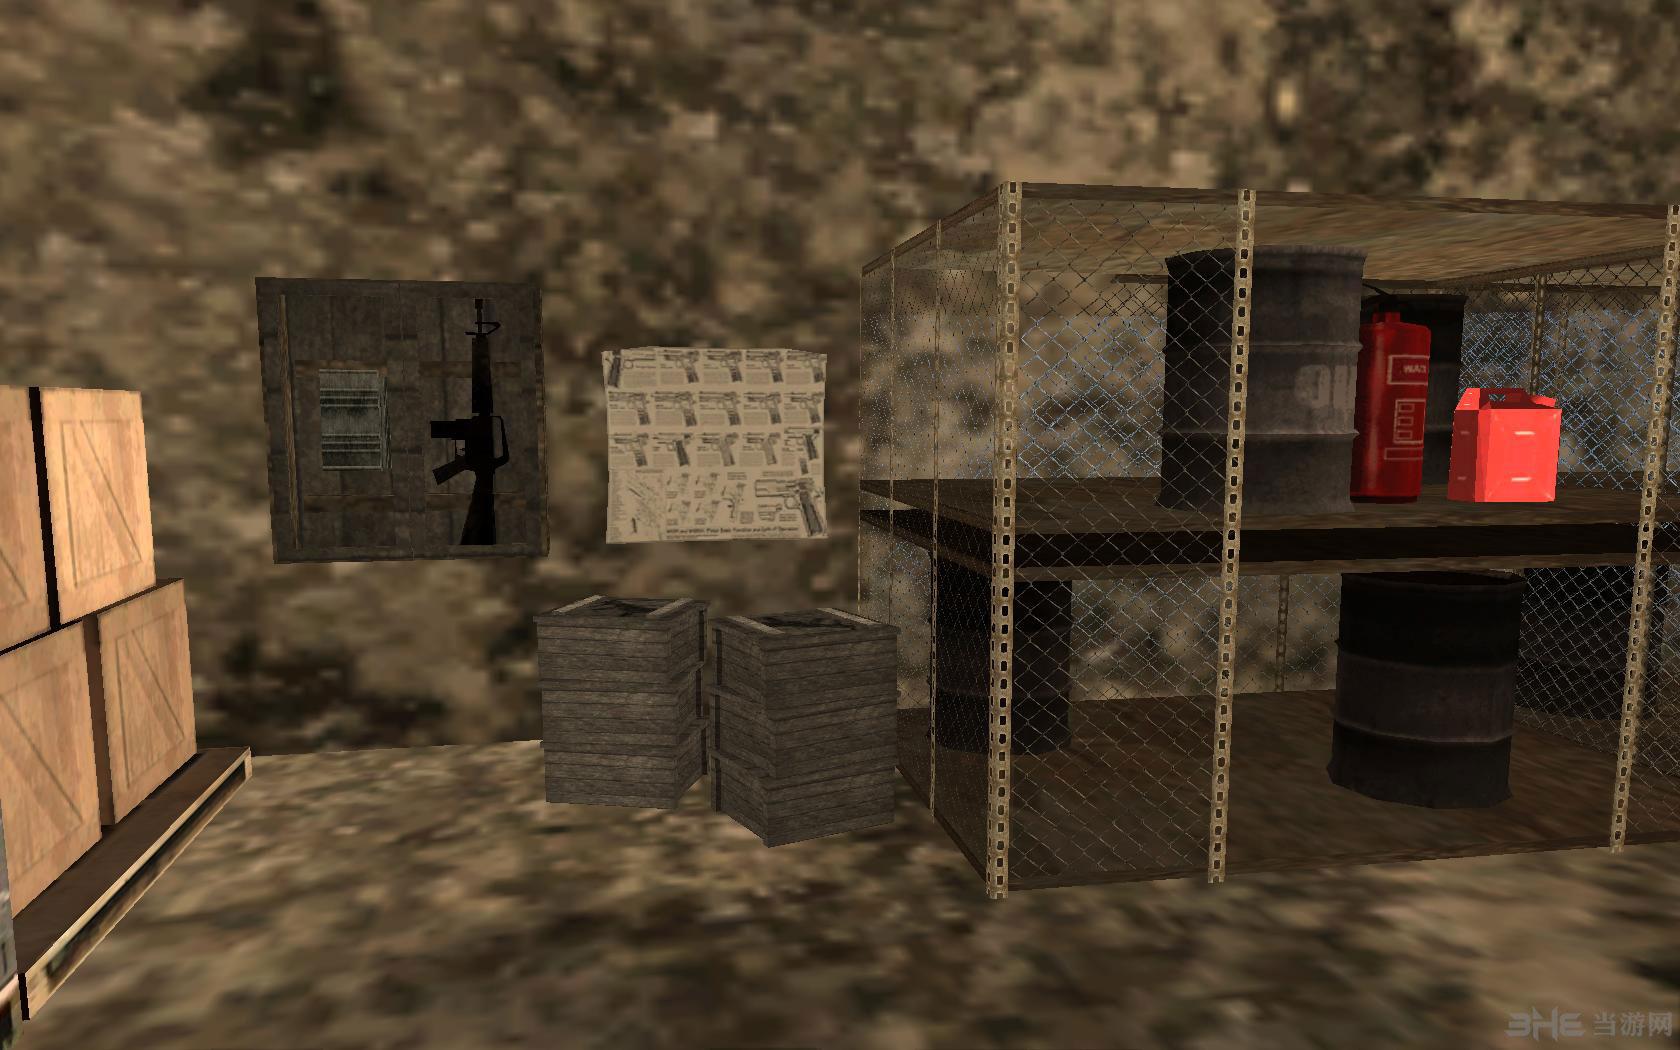 侠盗猎车手圣安地列斯地下室地图MOD截图3